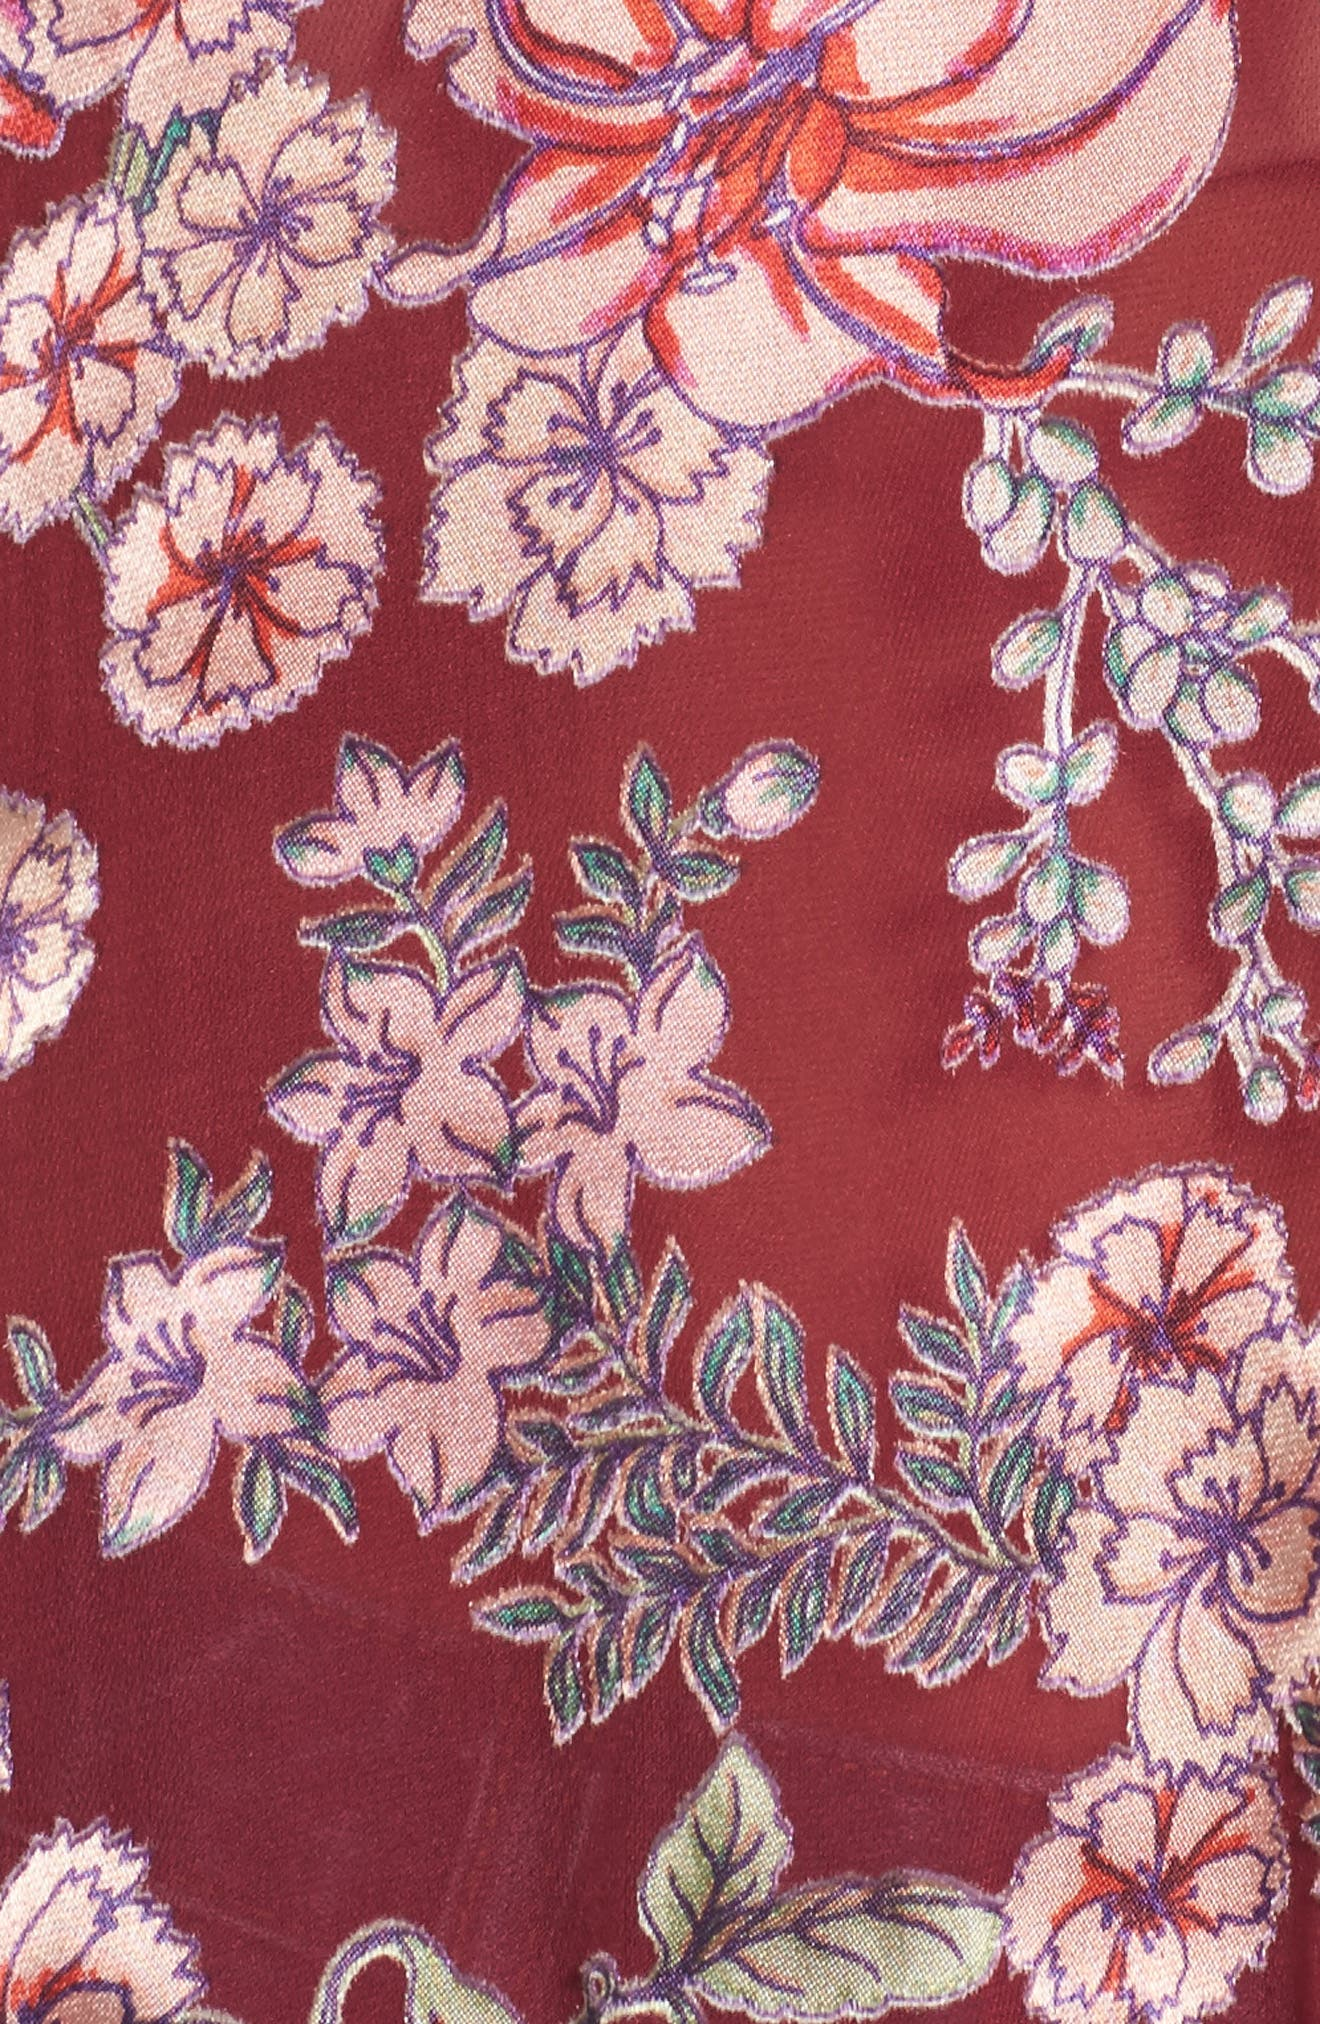 Flora Button Back Blouse,                             Alternate thumbnail 5, color,                             930